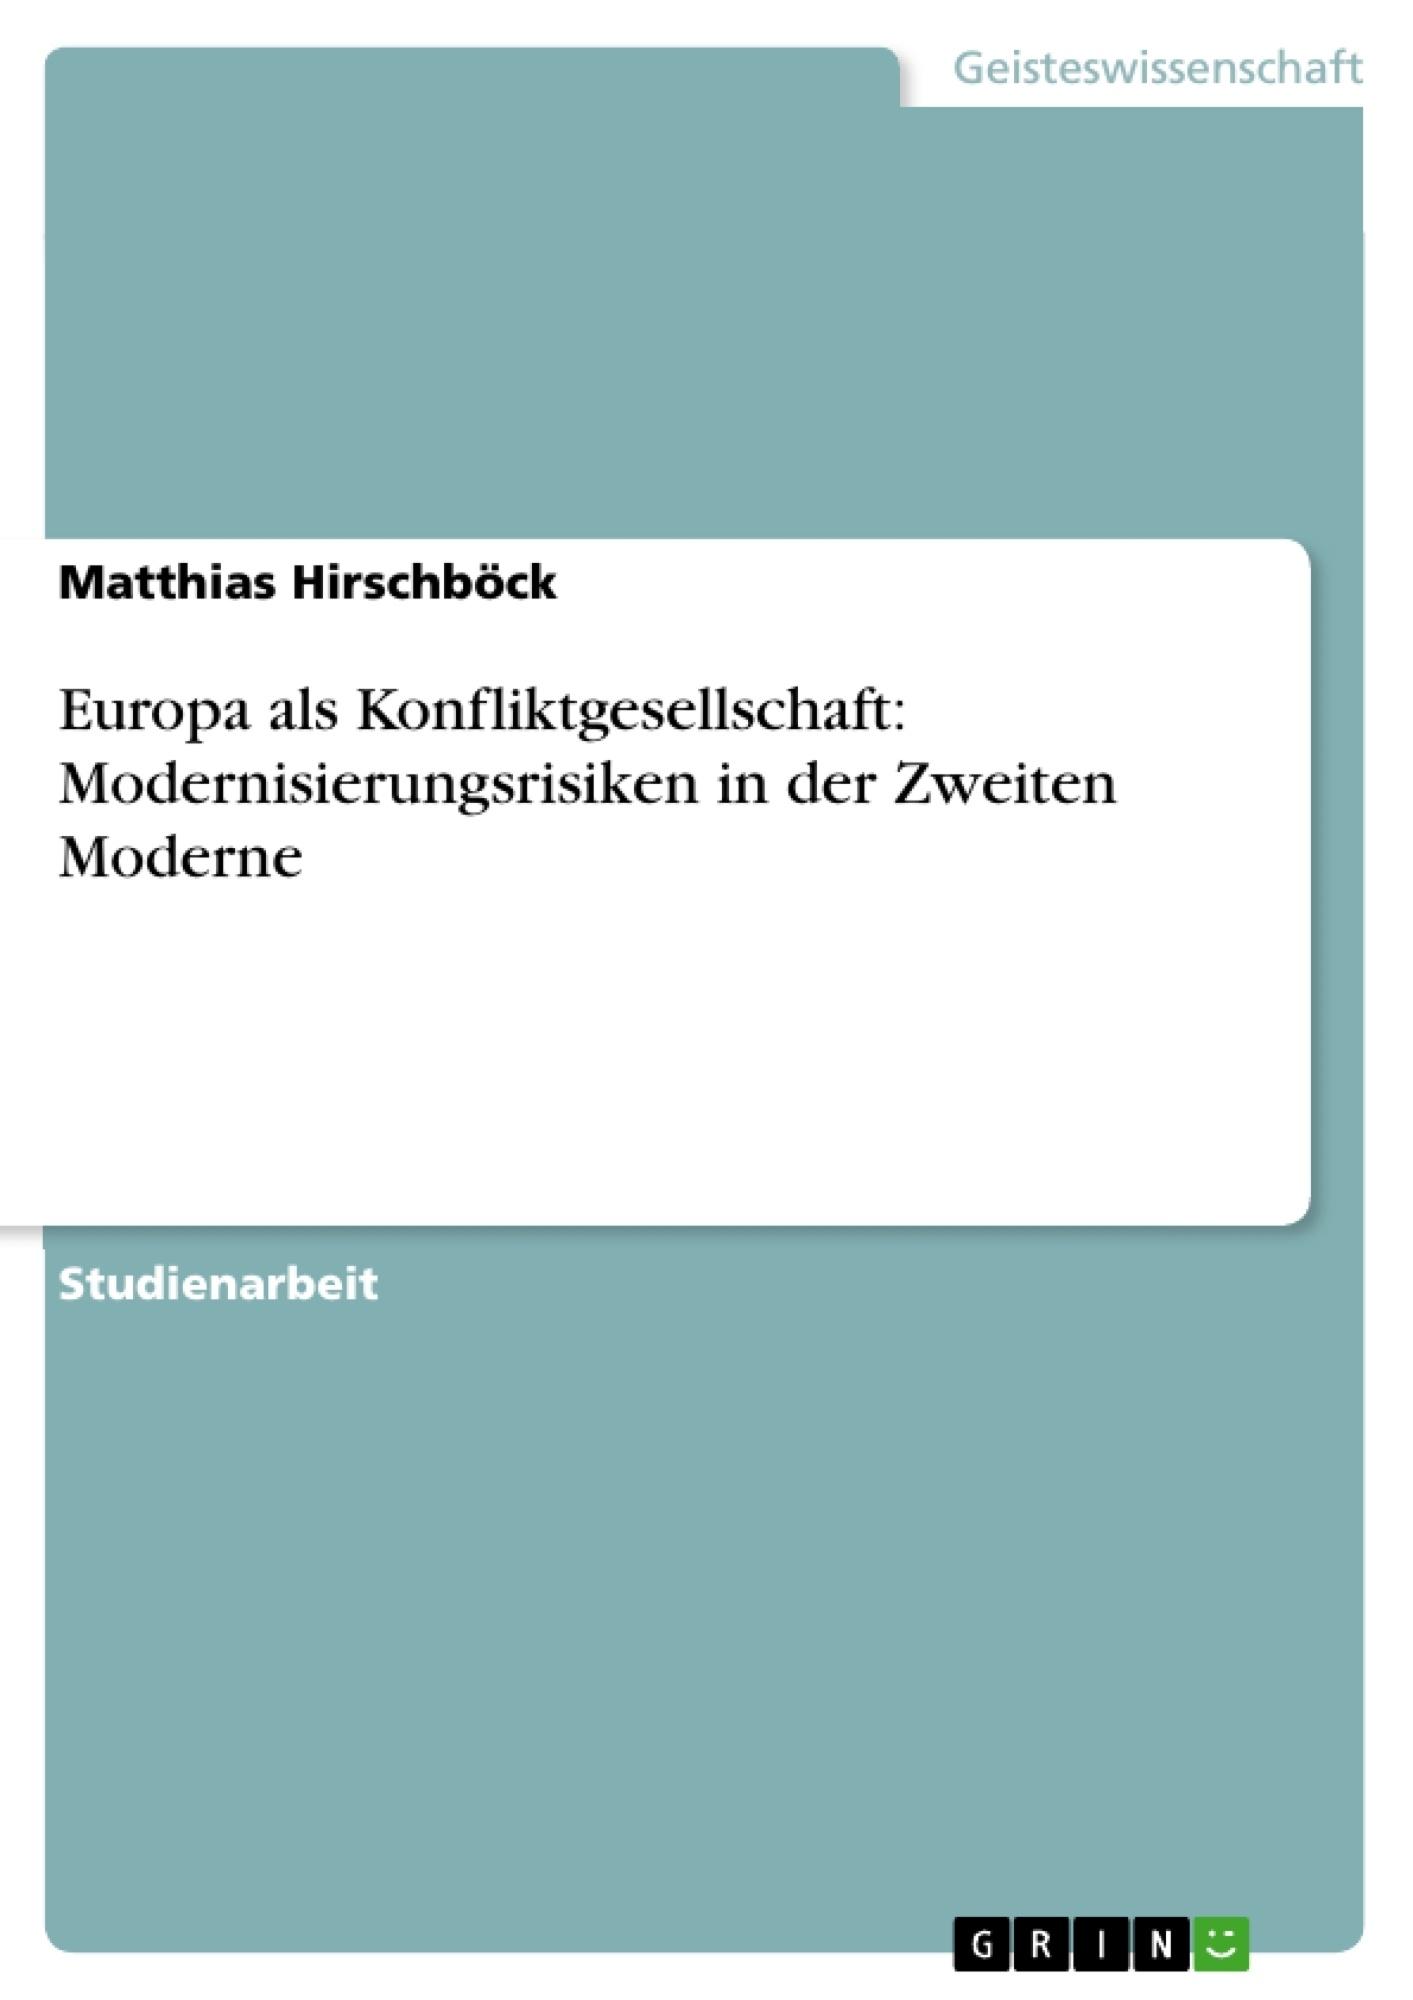 Titel: Europa als Konfliktgesellschaft: Modernisierungsrisiken in der Zweiten Moderne